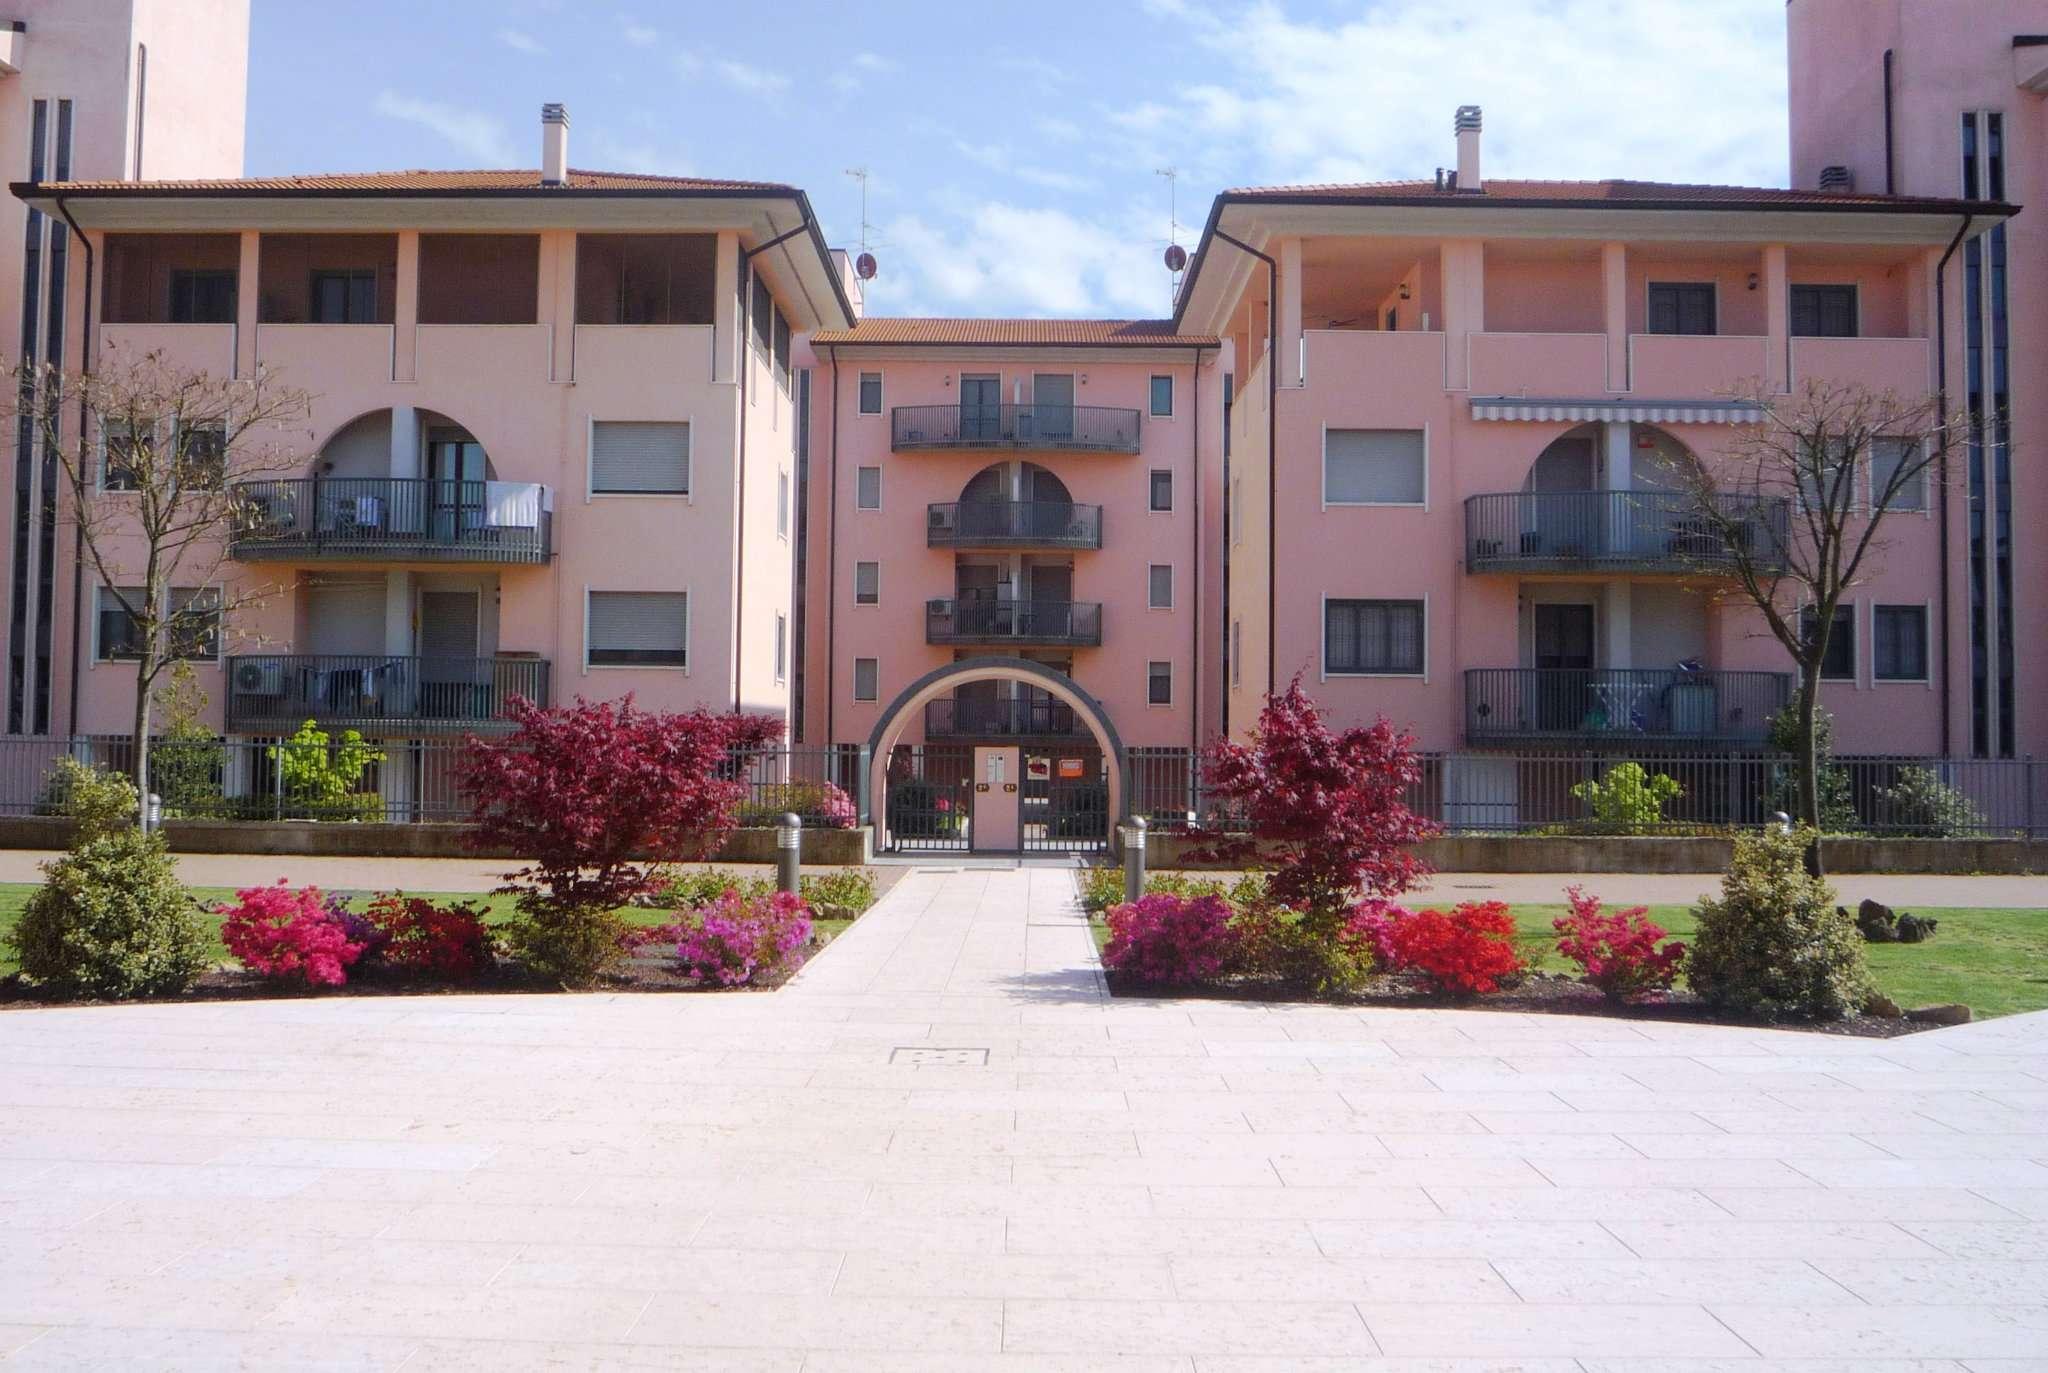 Appartamento in vendita a Landriano, 2 locali, prezzo € 103.000 | Cambio Casa.it